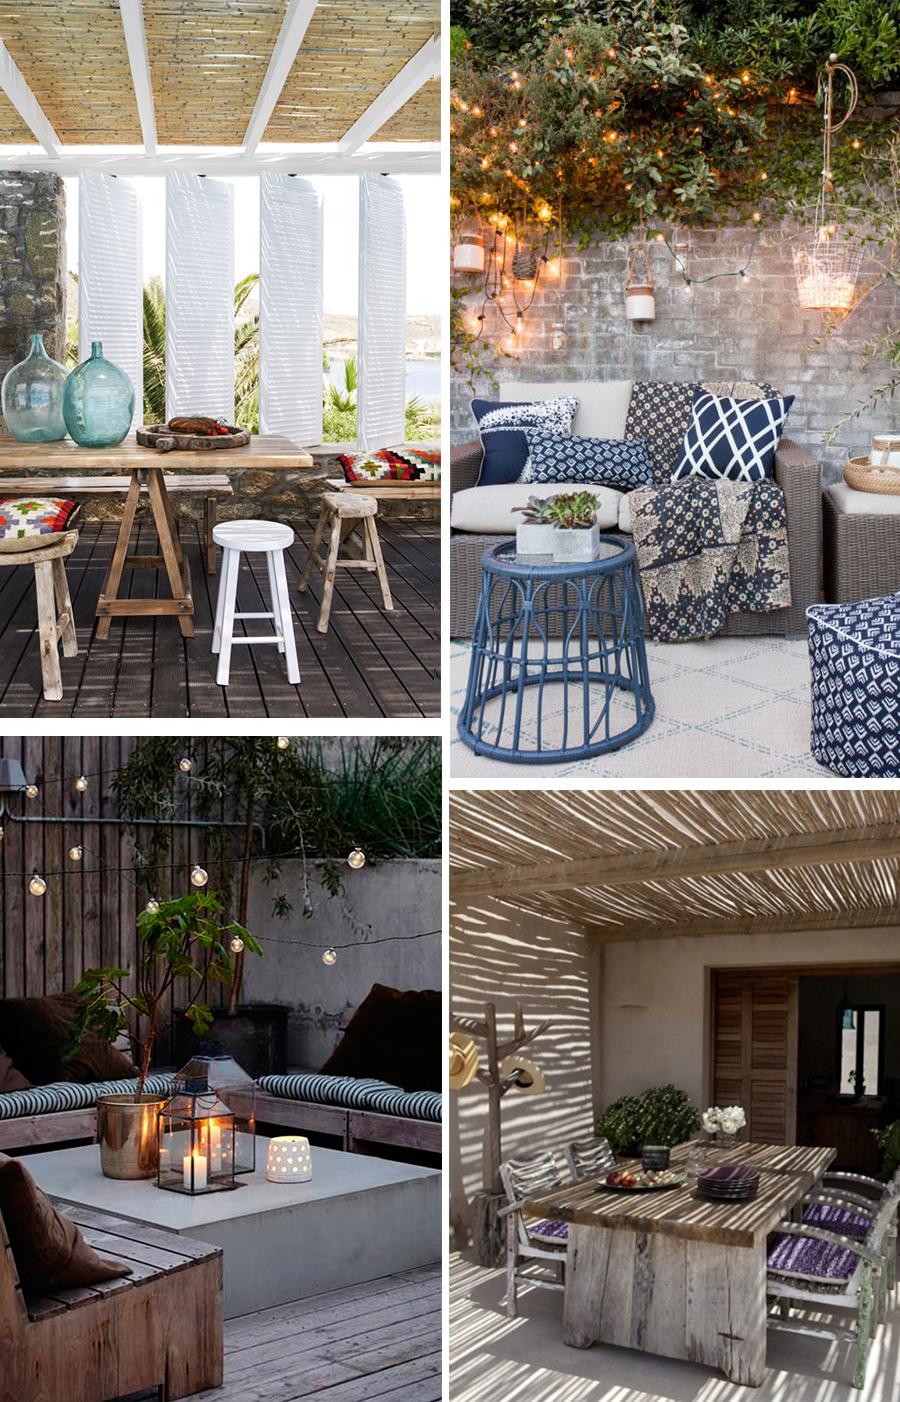 Blog de moda y lifestyle deco terrazas newtrendyhome for Deco hogar 2016